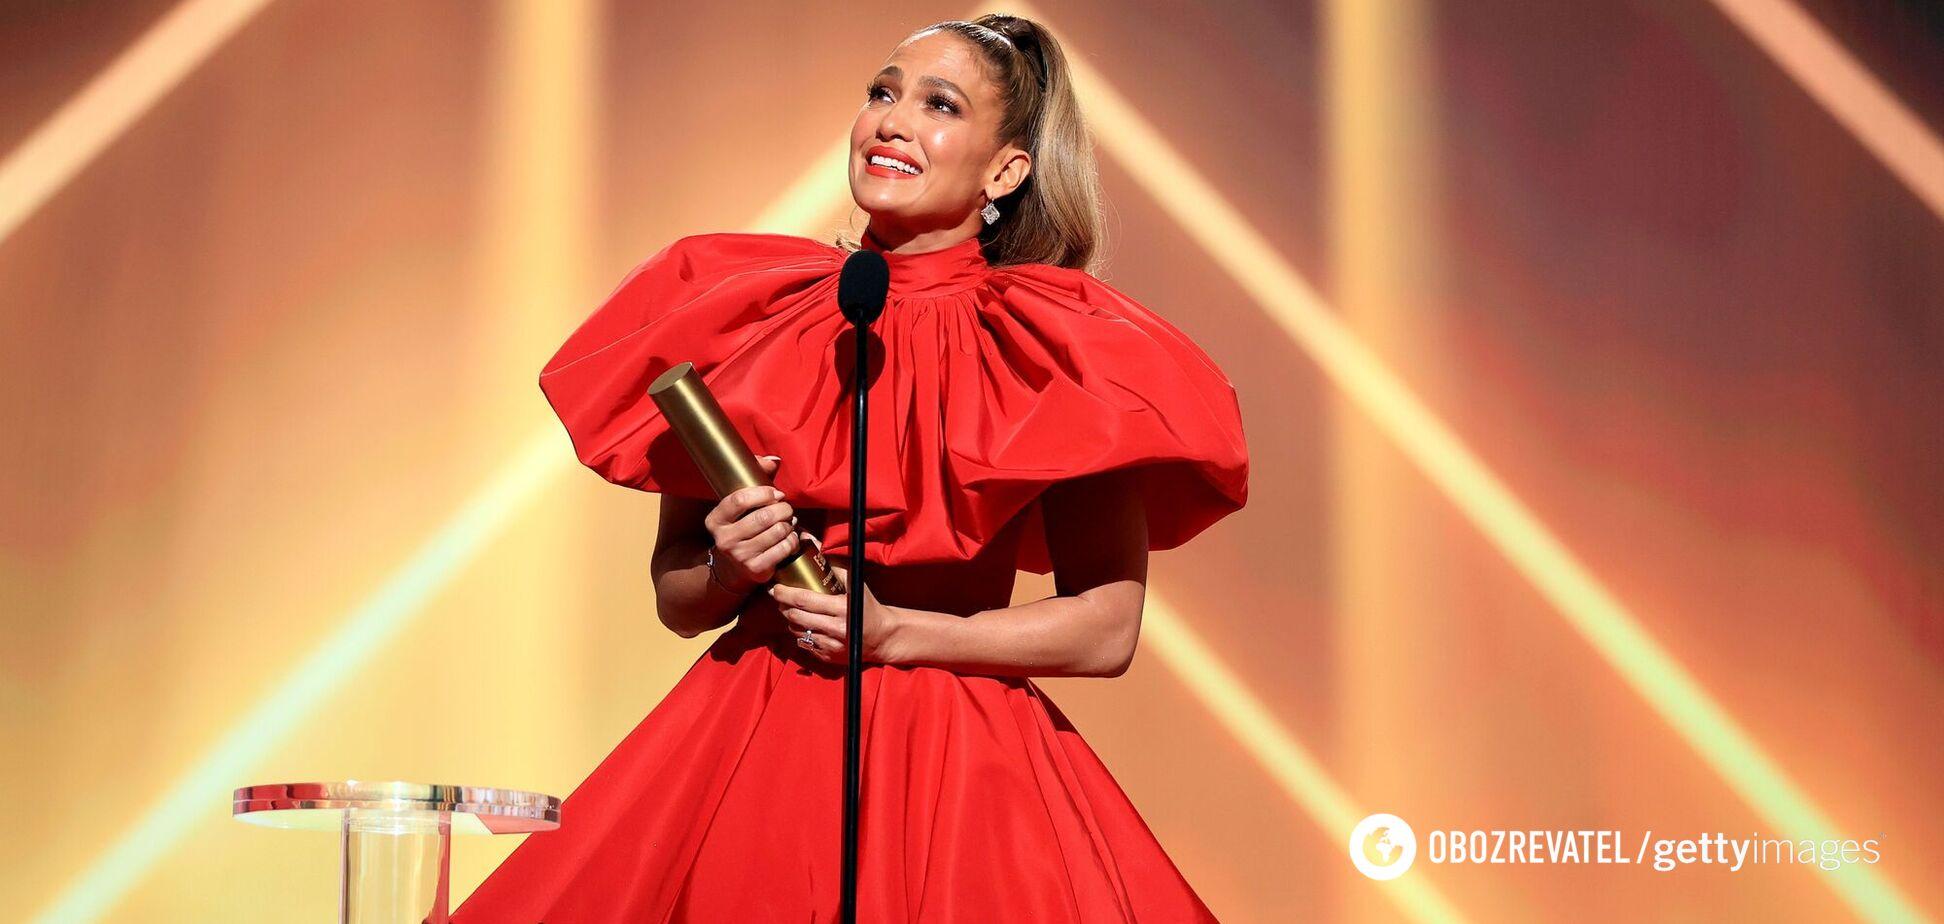 Дженнифер Лопес признали самой привлекательной звездой 40+